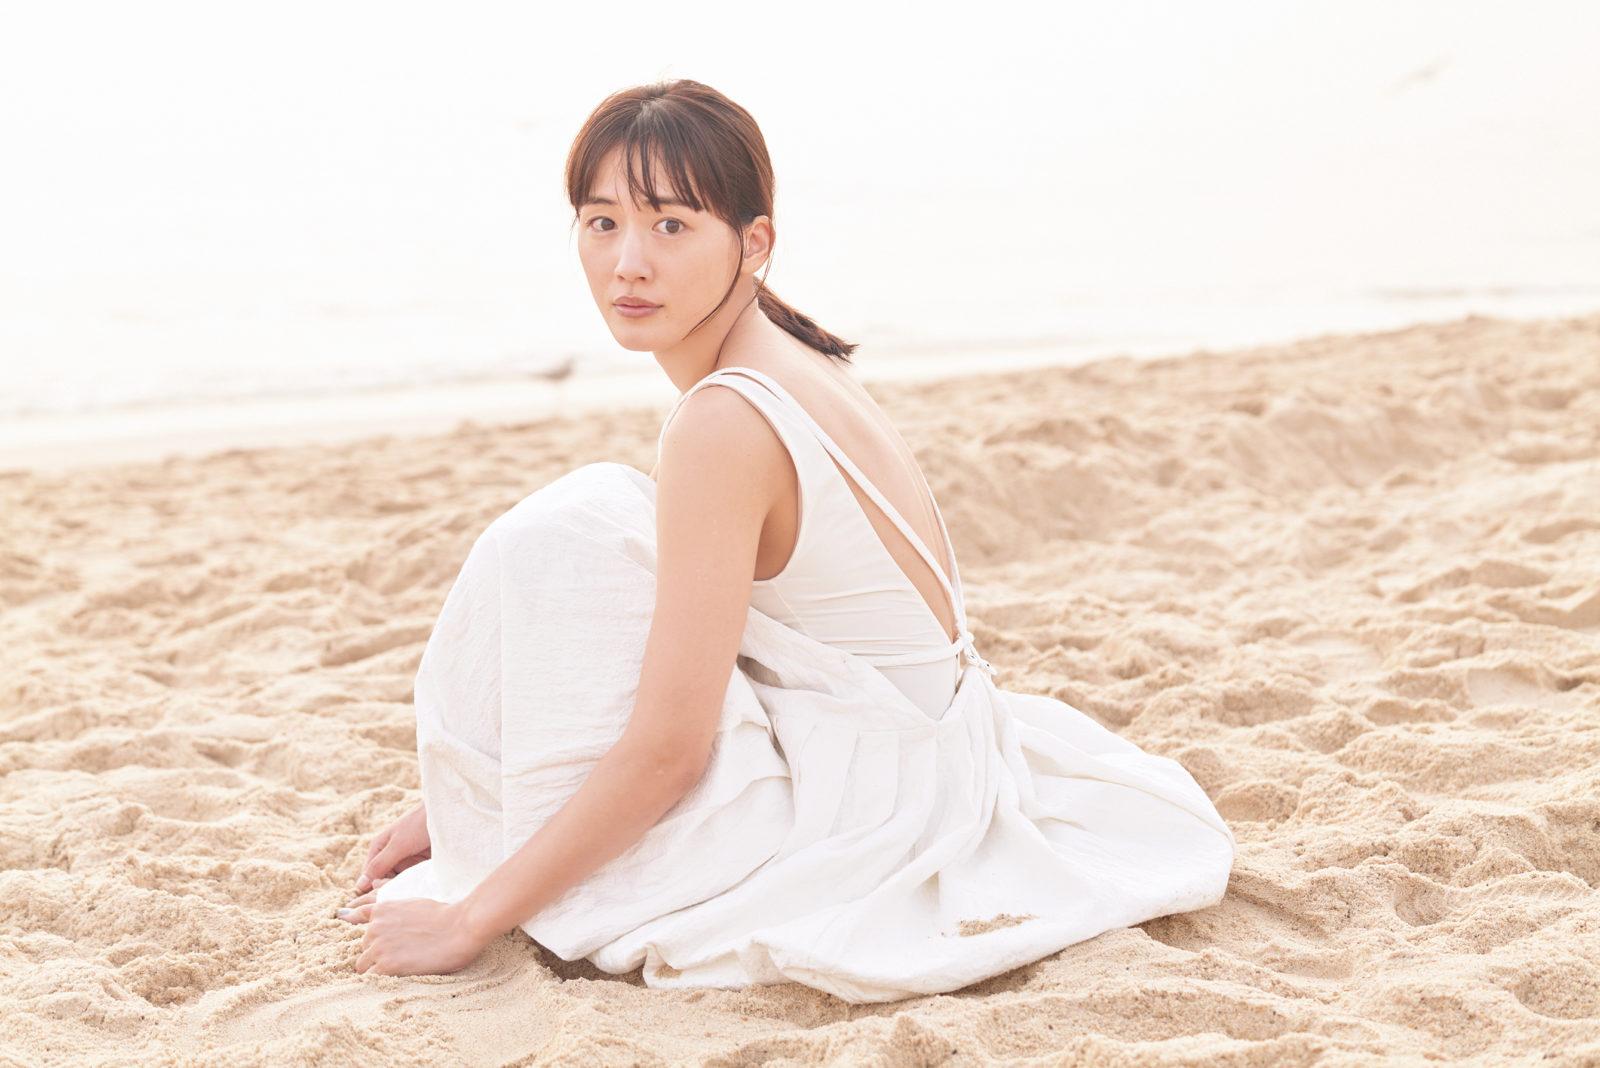 """綾瀬はるか、美背中を披露した浜辺の""""白ワンピースSHOT""""公開サムネイル画像"""